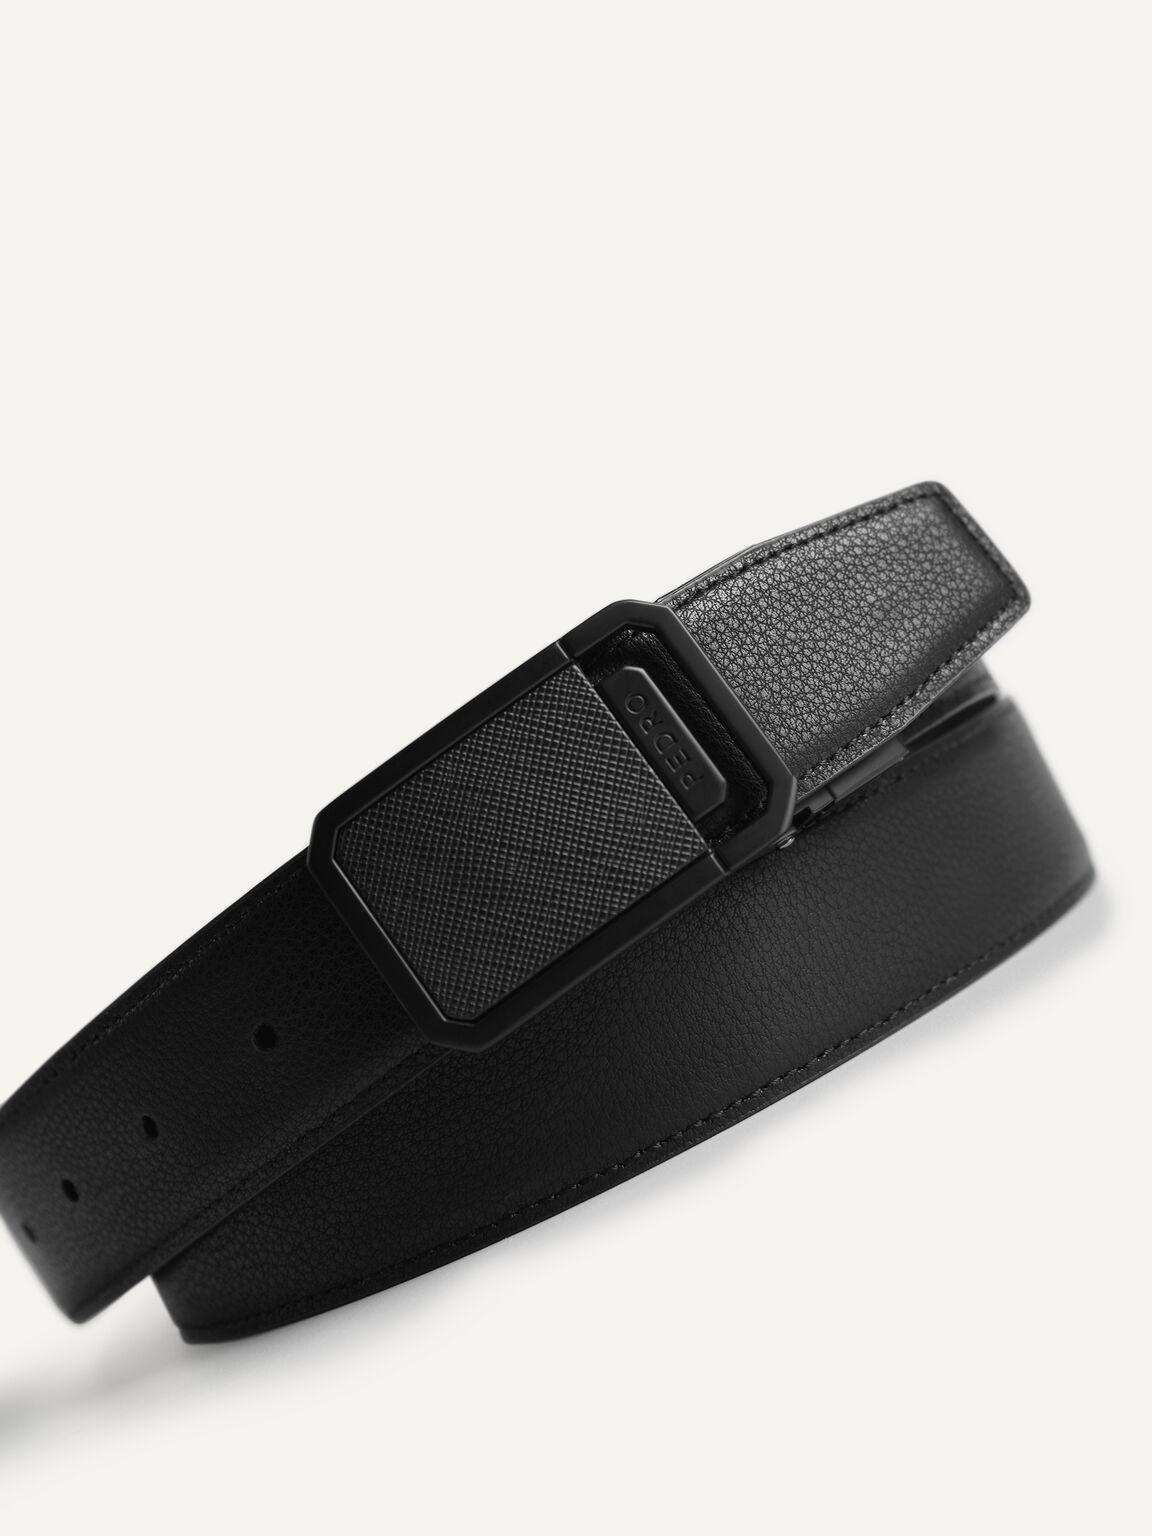 Reversible Textured Leather Belt, Black, hi-res